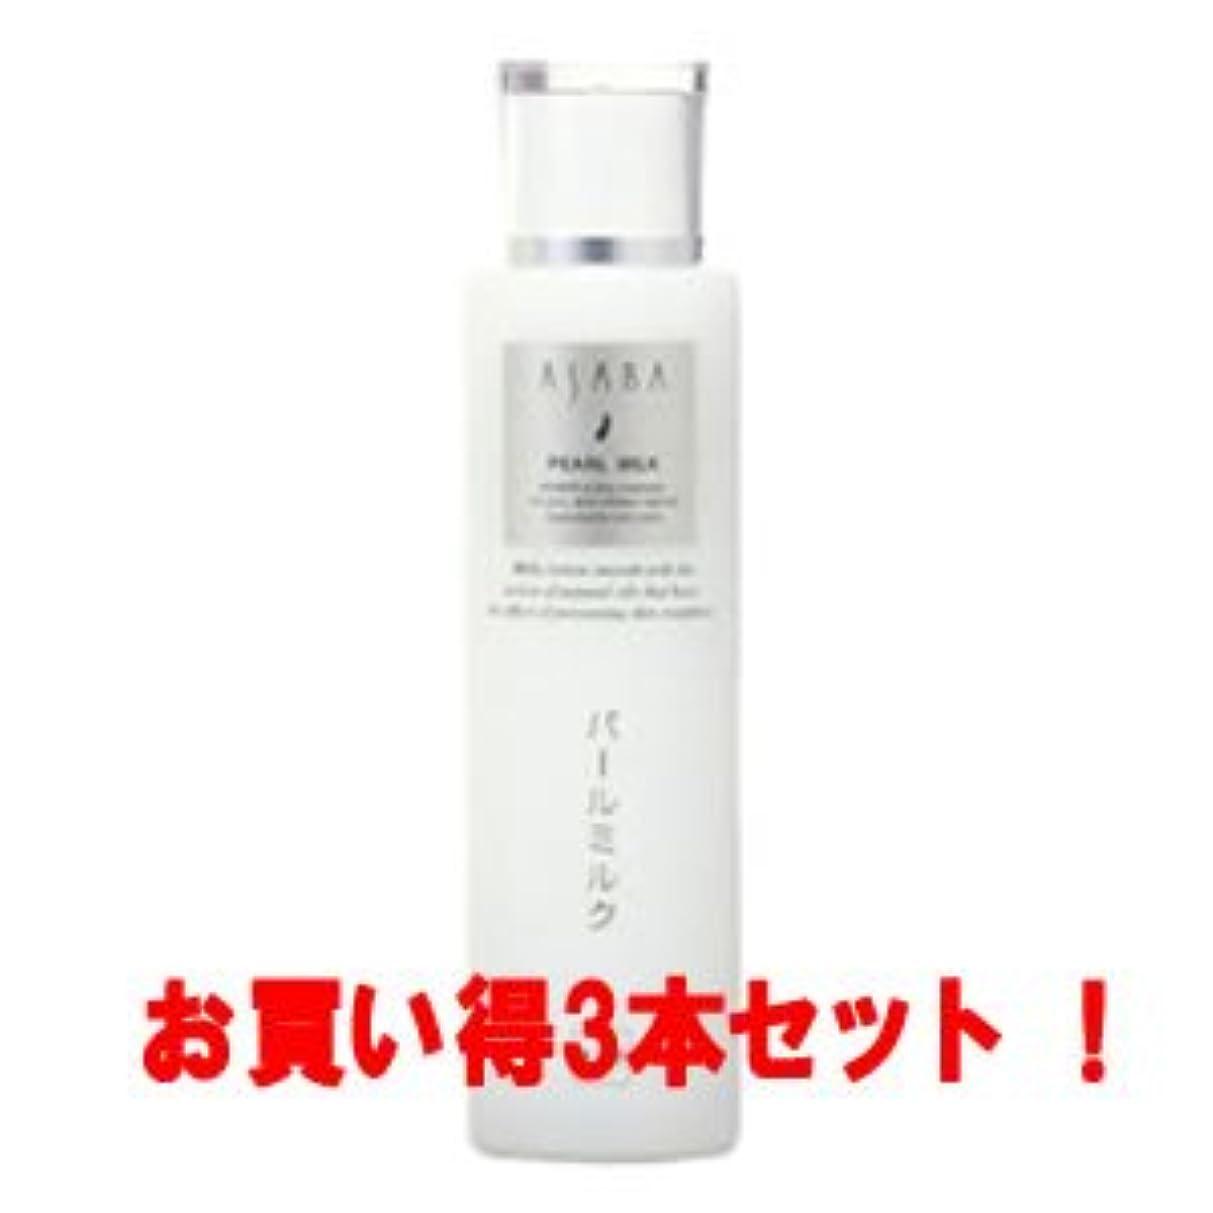 エピソードシーケンスカウントアップ(アサバ化粧品)アサバ パールミルク100ml(お買い得3本セット)